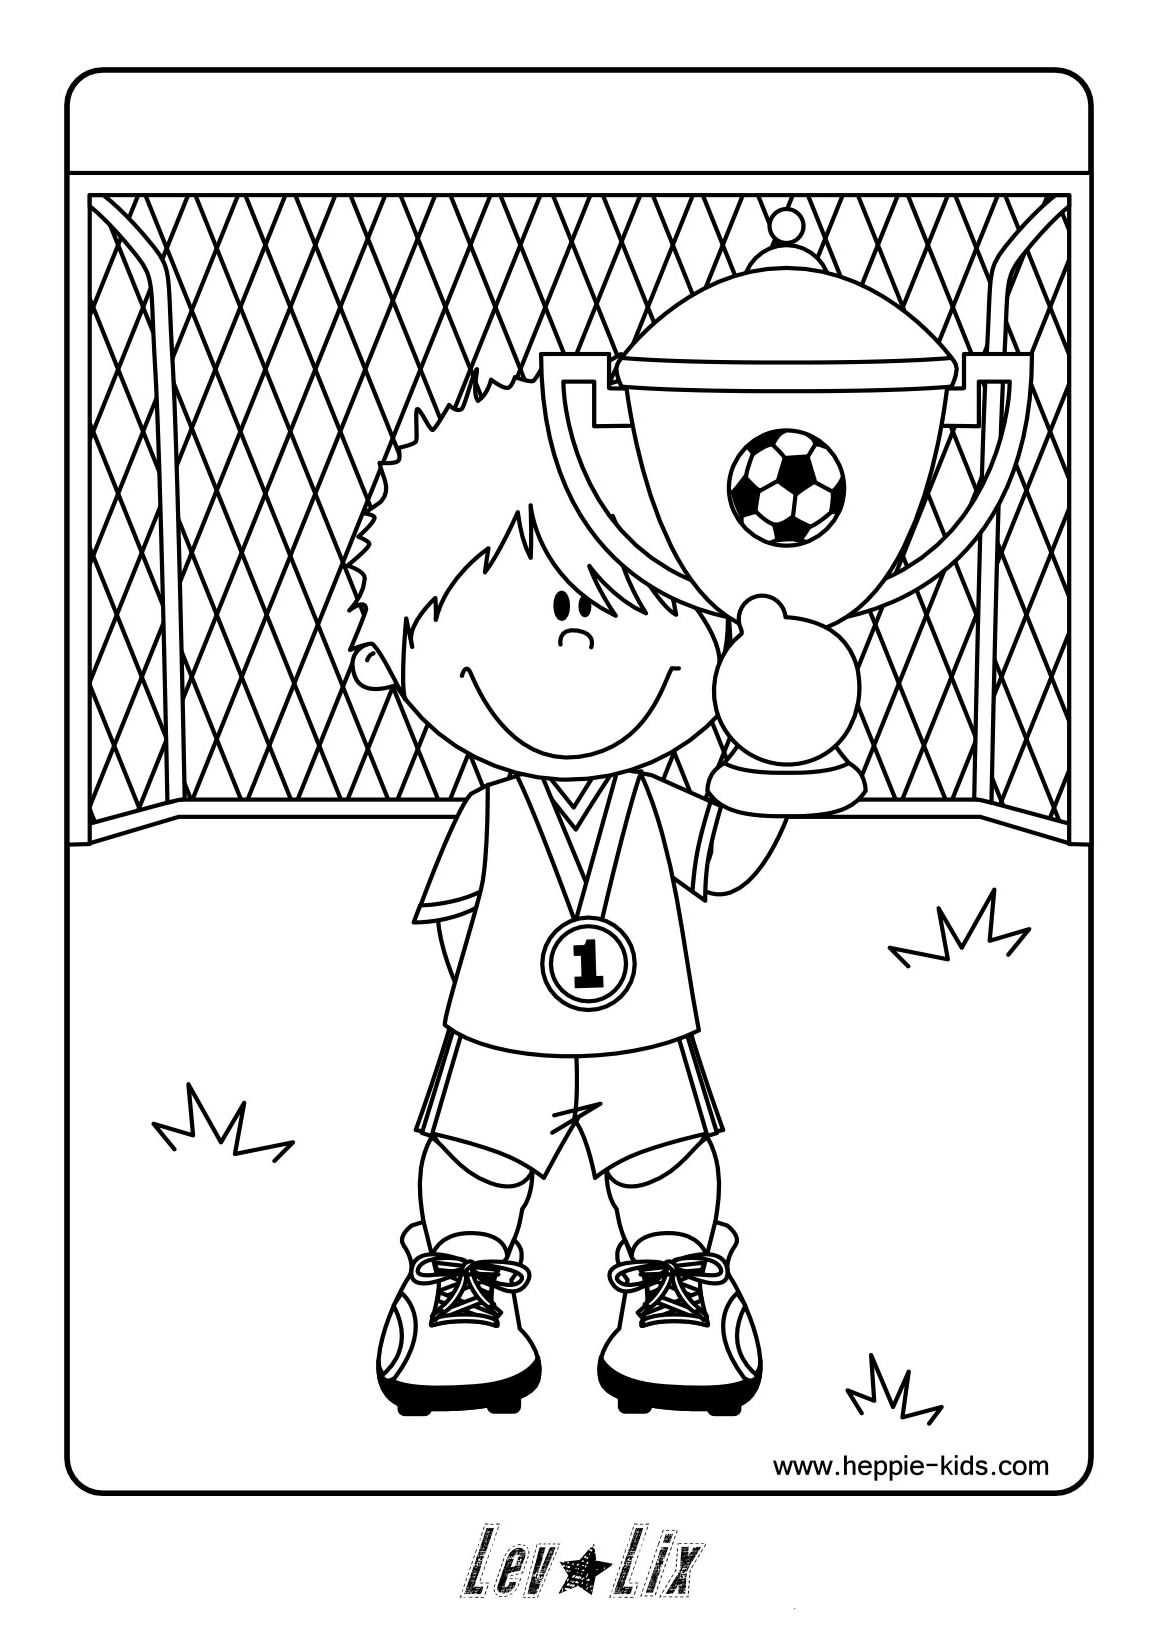 kleurplaat voetballer